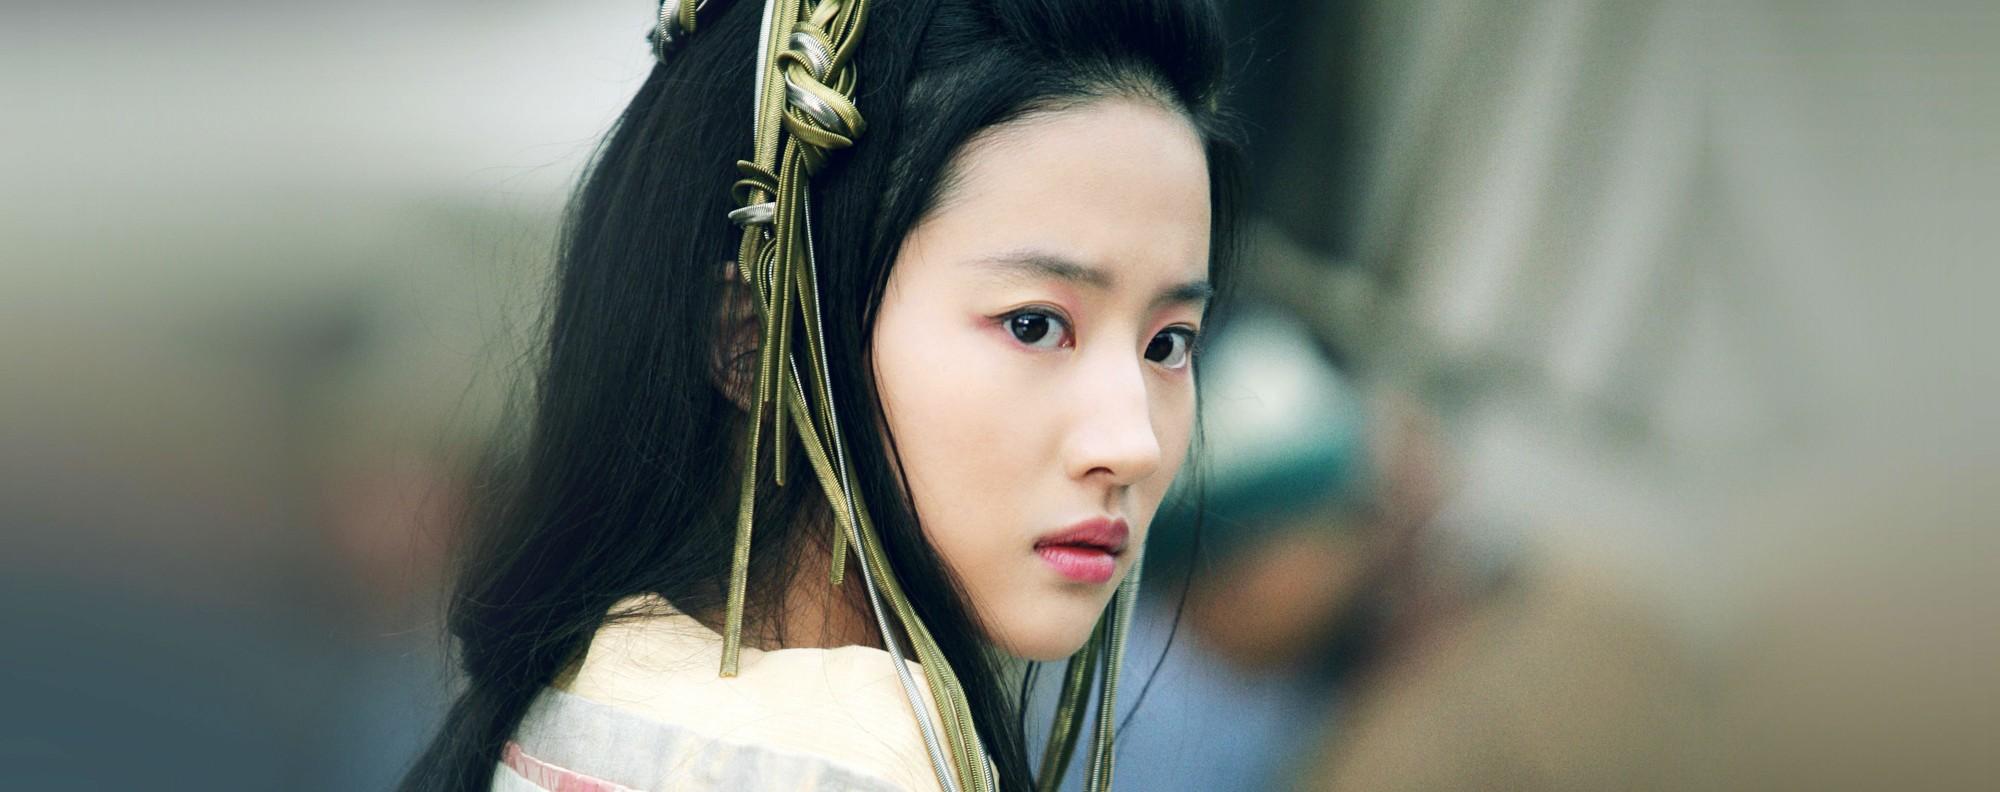 Liu Yifei, Disney's next 'Mulan'.